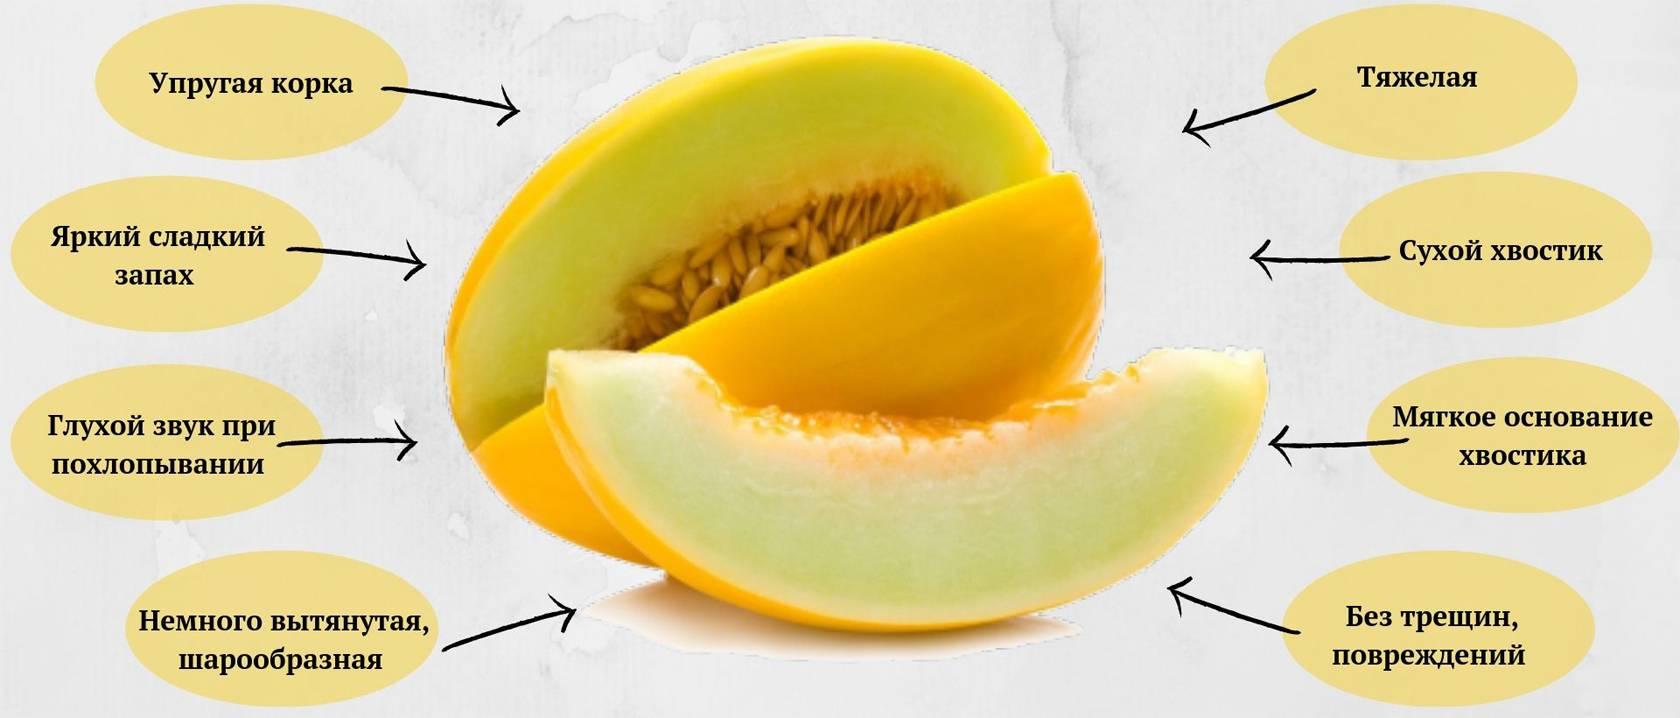 Дыня: полезные свойства, состав, калорийность продукта. польза дыни: для мужчин, женщин, детей, беременных, при похудении, грудном вскармливании. в чем заключается вред дыни?